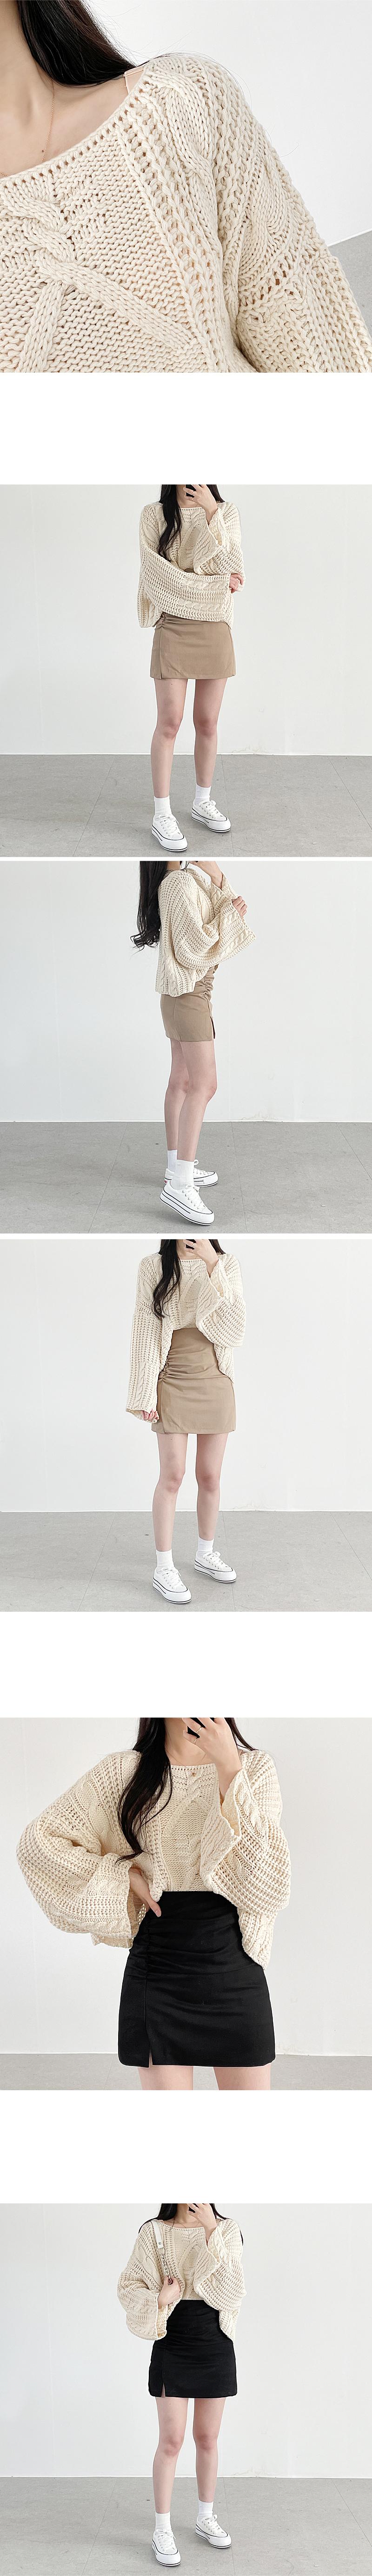 Innocent Silhouette Knitwear